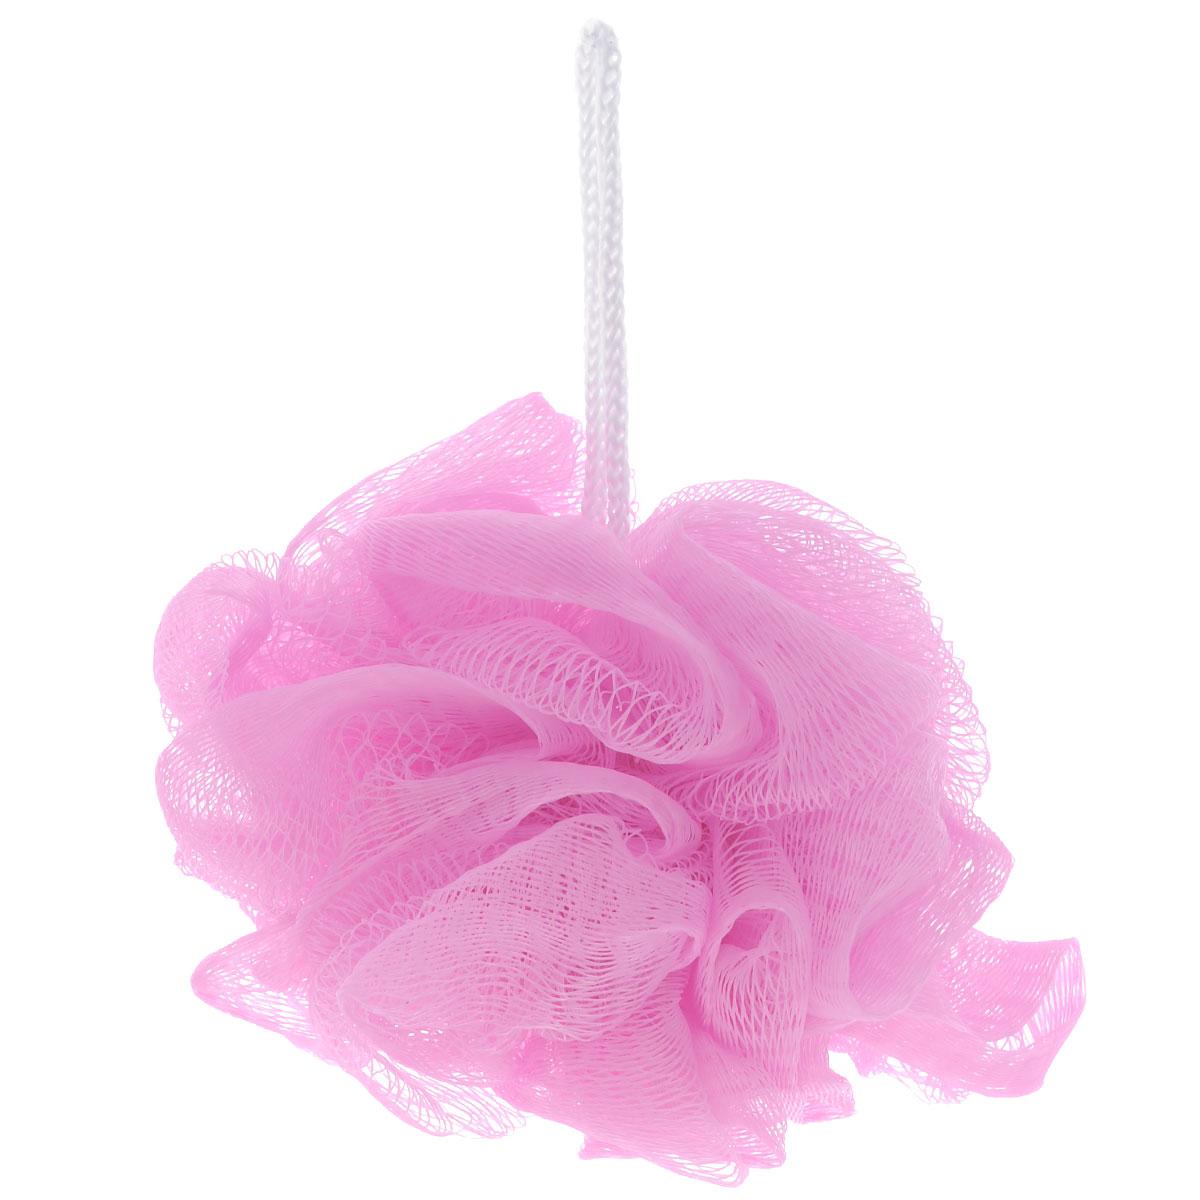 Мочалка The Body Time, цвет: розовый57198_розовыйМочалка The Body Time, выполненная из нейлона, предназначена для мягкого очищения кожи. Она станет незаменимым аксессуаром ванной комнаты. Мочалка отлично пенится, обладает легким массажным воздействием, идеально подходит для нежной и чувствительной кожи. На мочалке имеется удобная петля для подвешивания. Диаметр: 10 см.